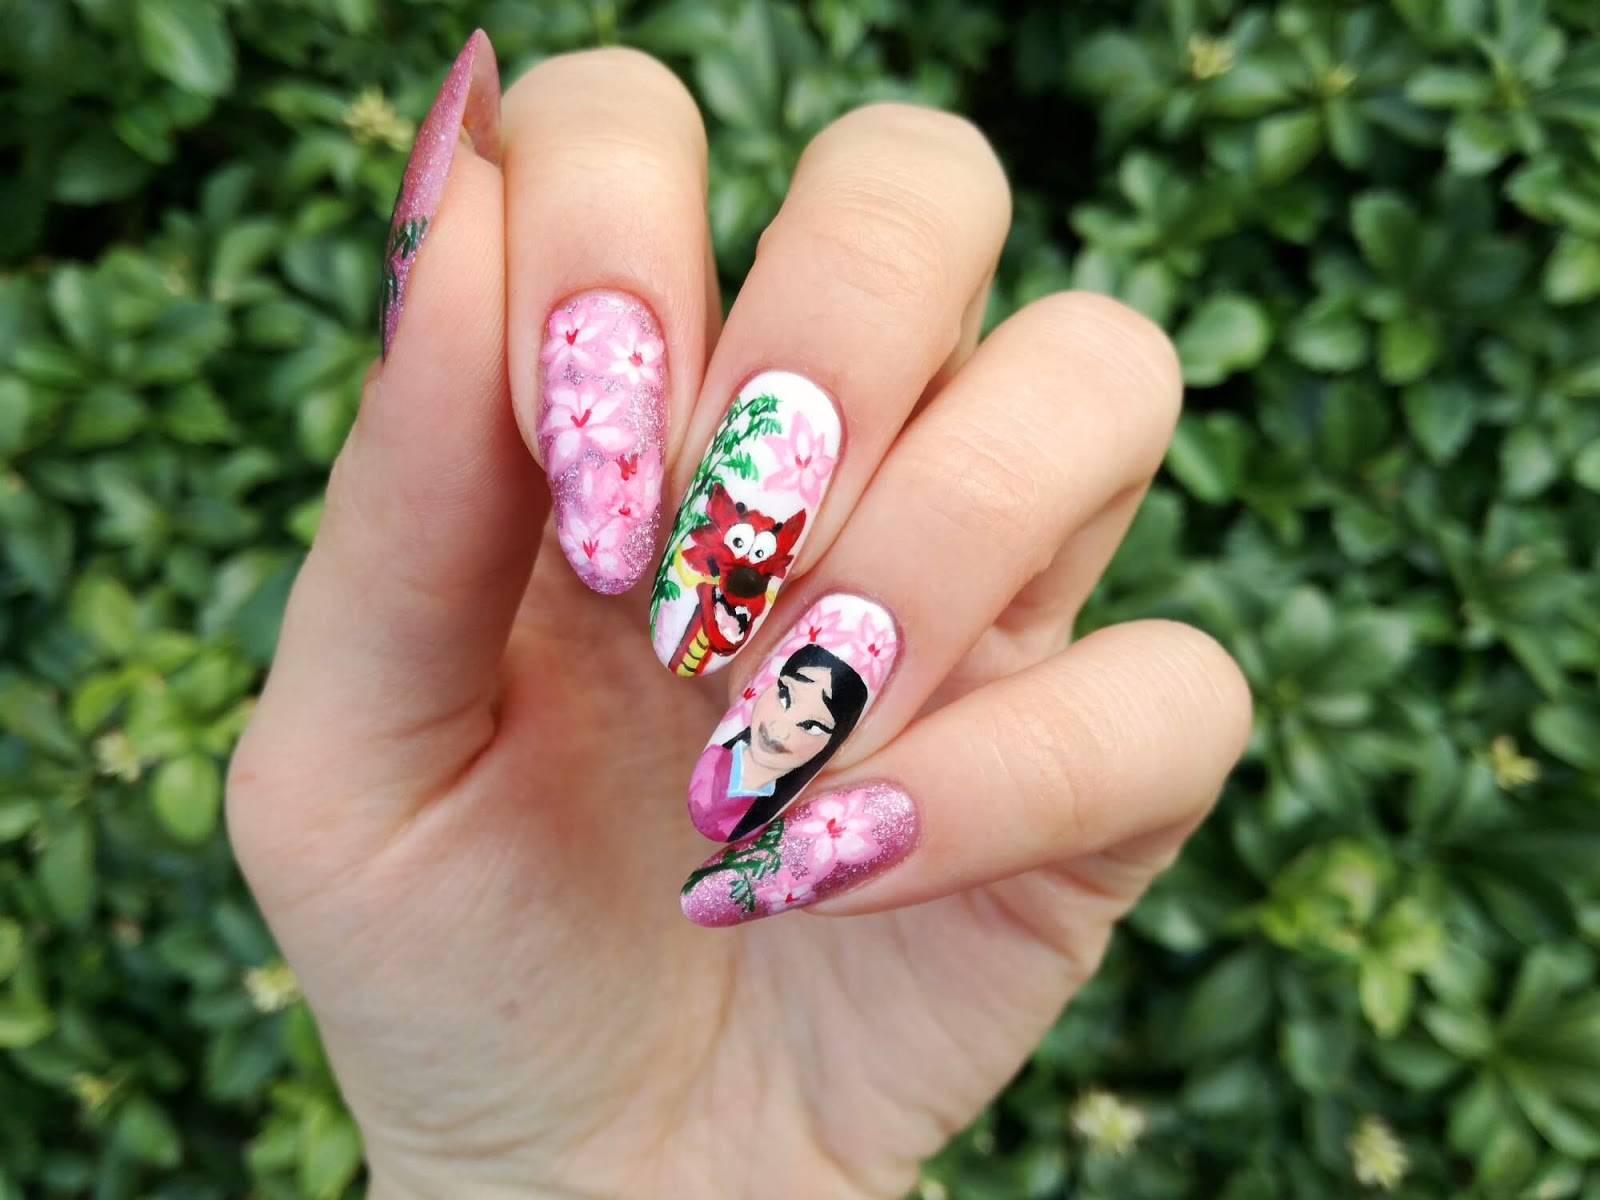 paznokcie w kwiaty magnolii i Mulan